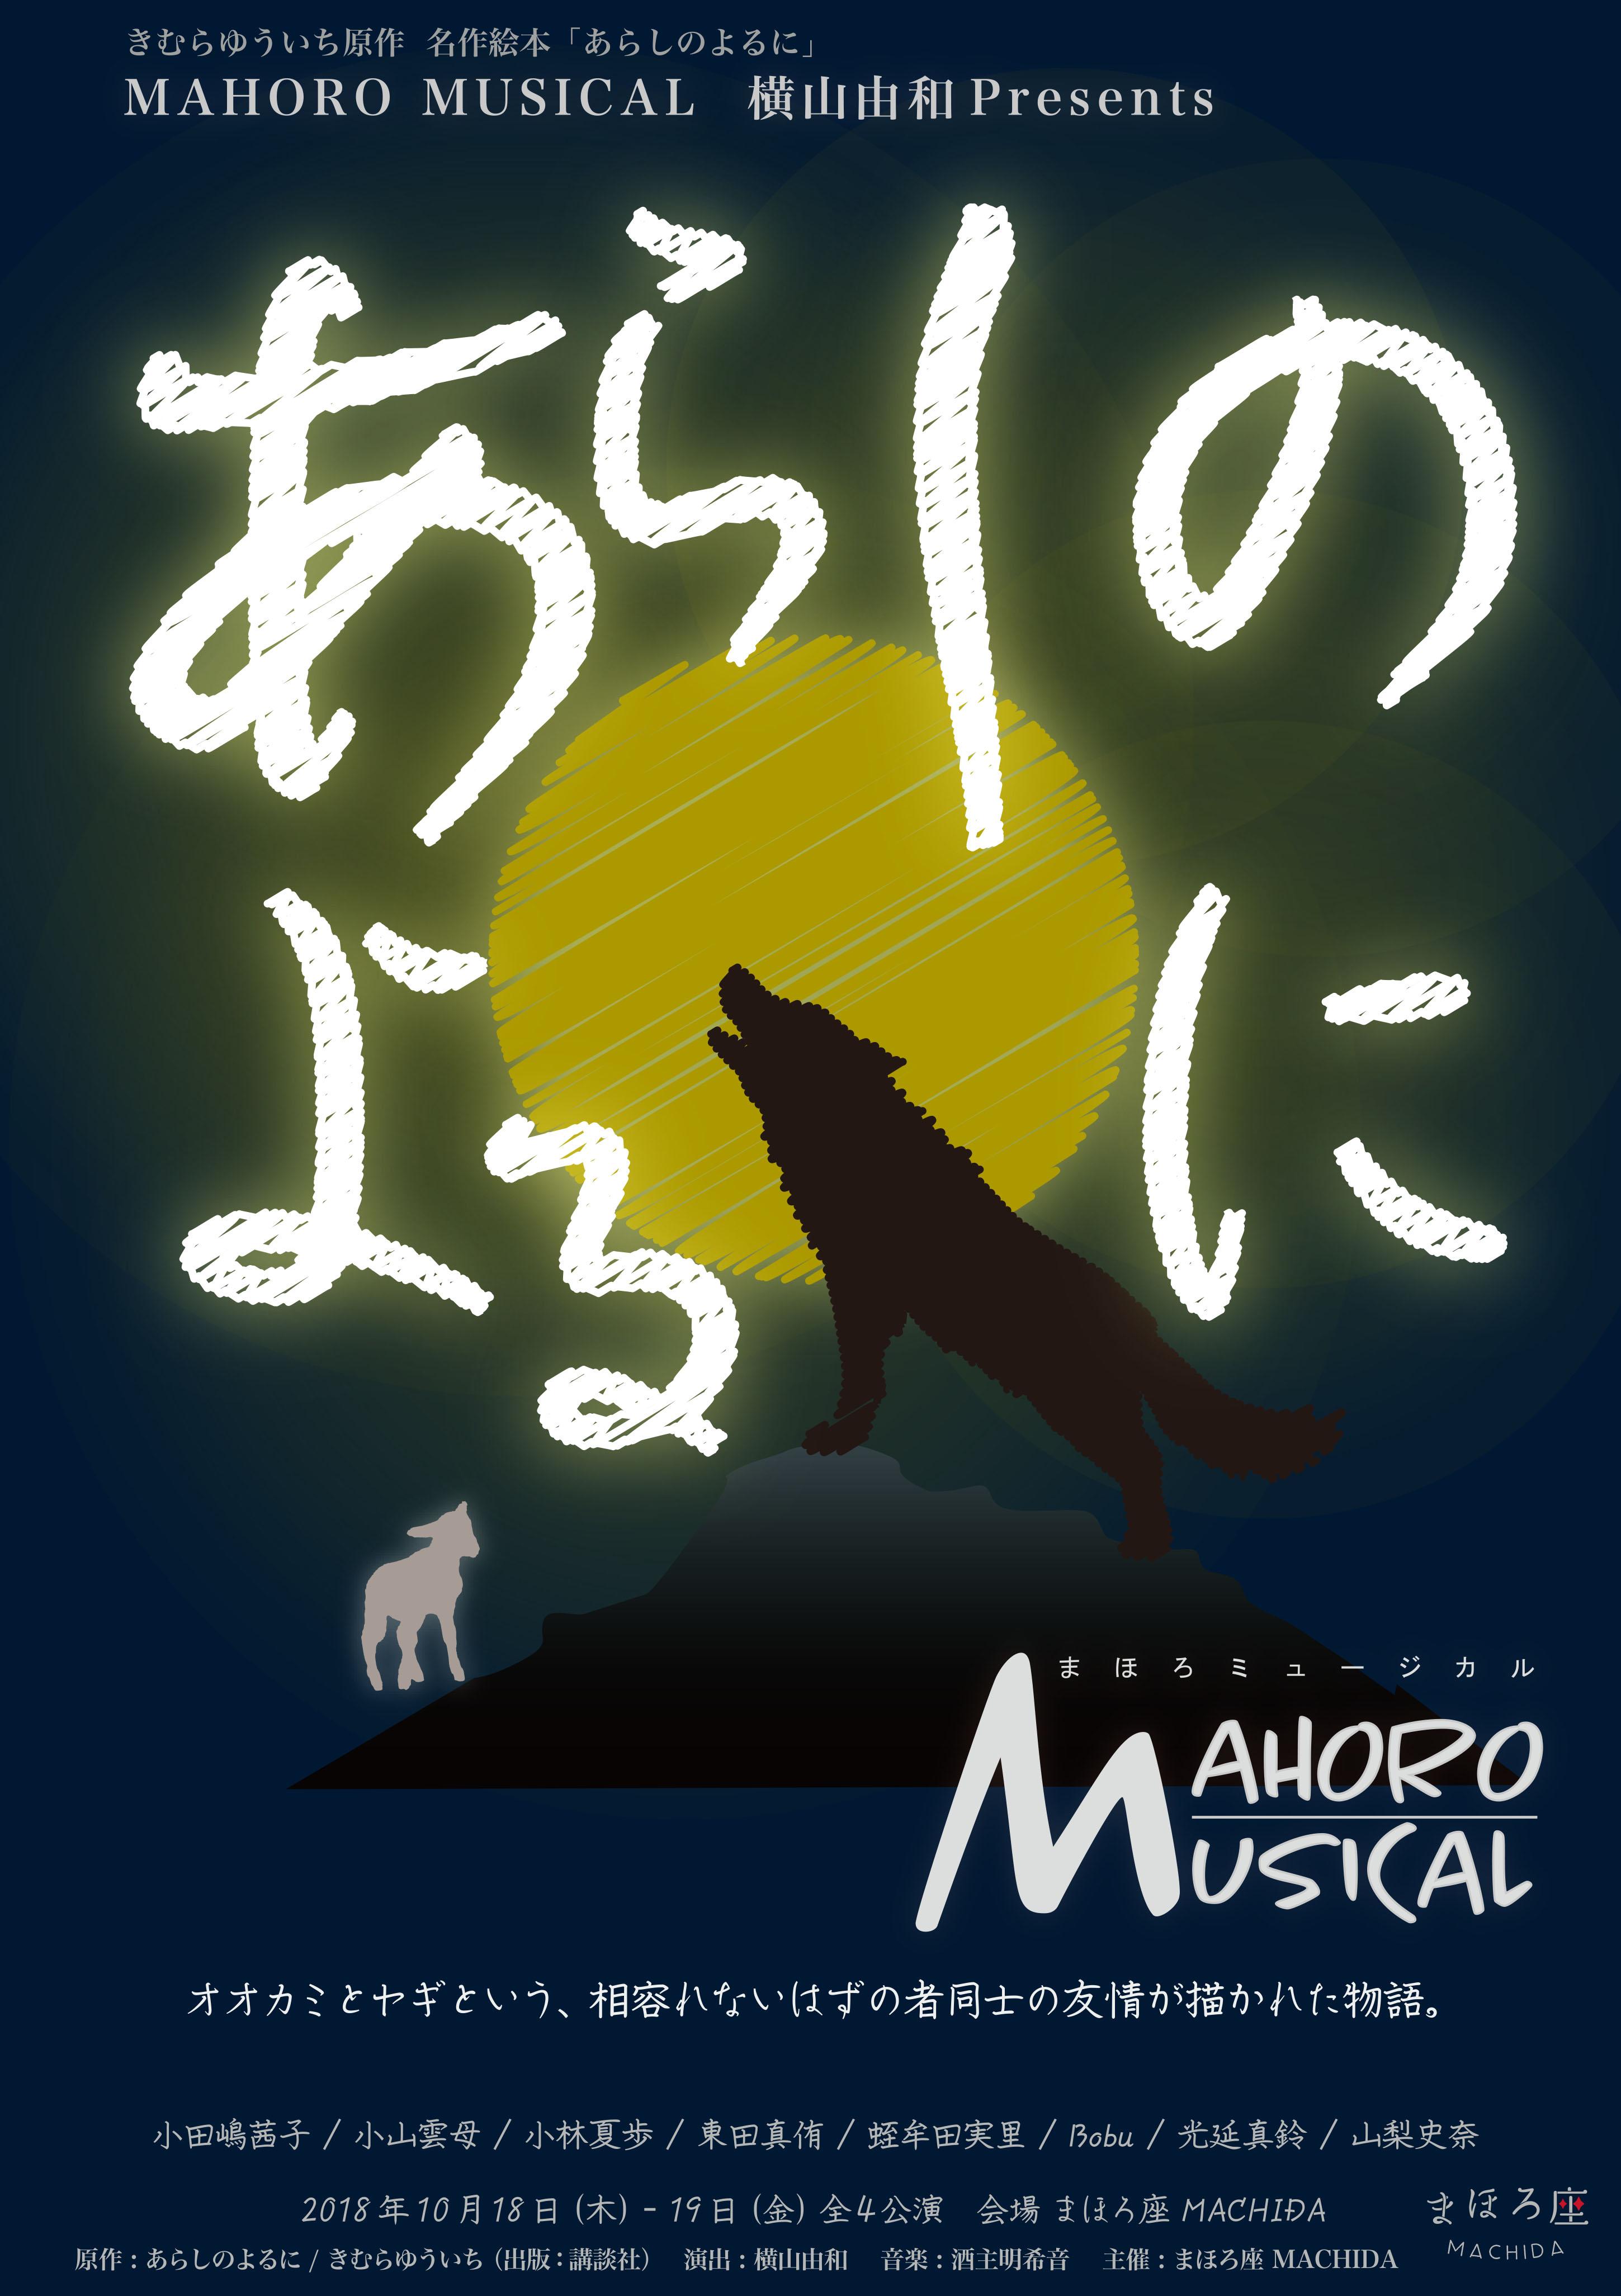 【18日夜】MAHORO MUSICAL 横山由和Presents 「あらしのよるに」